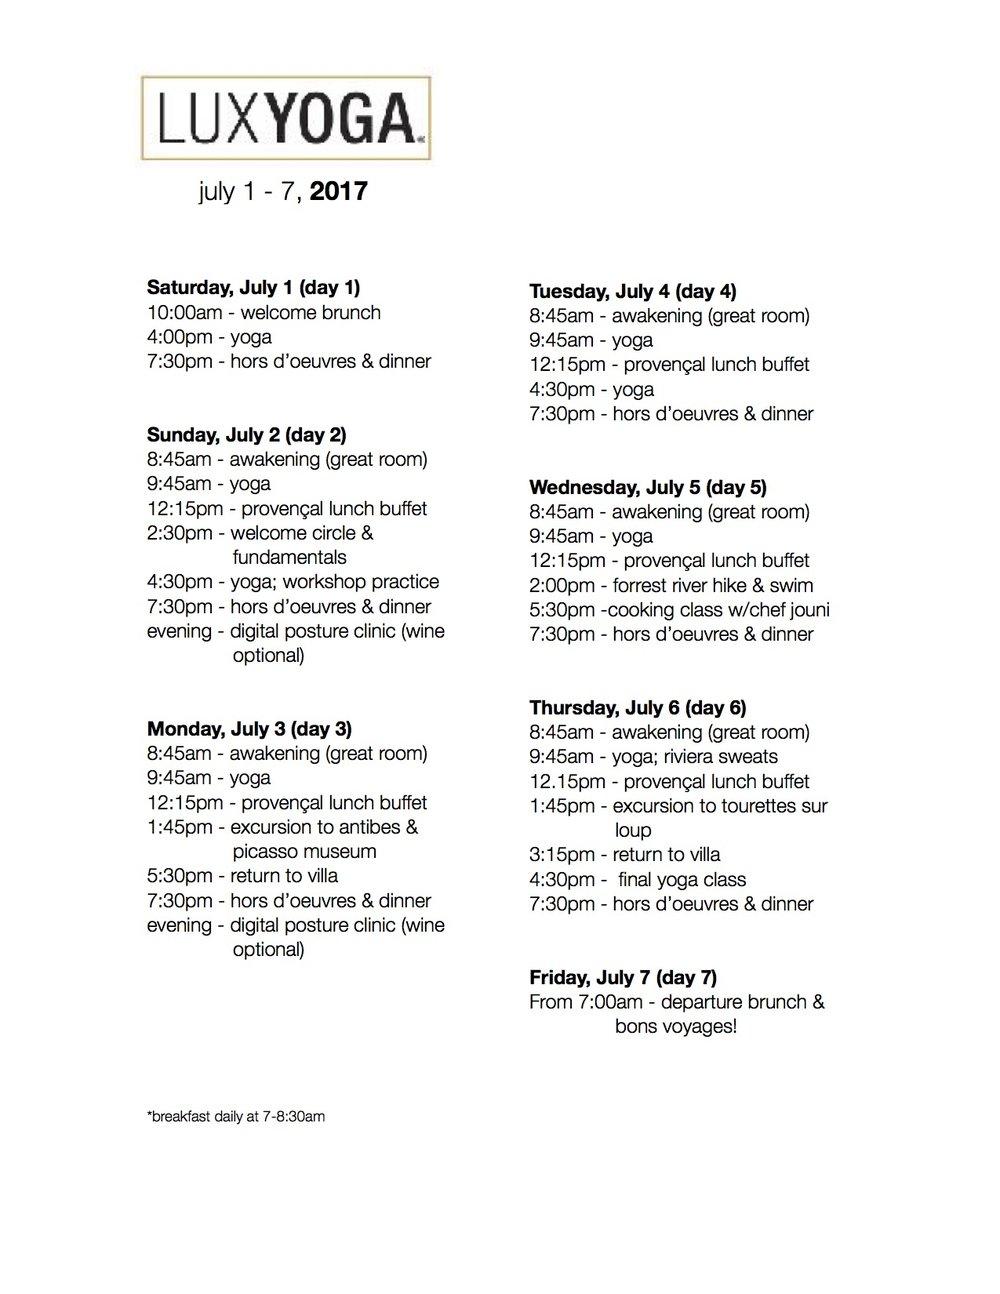 Last Year's Schedule